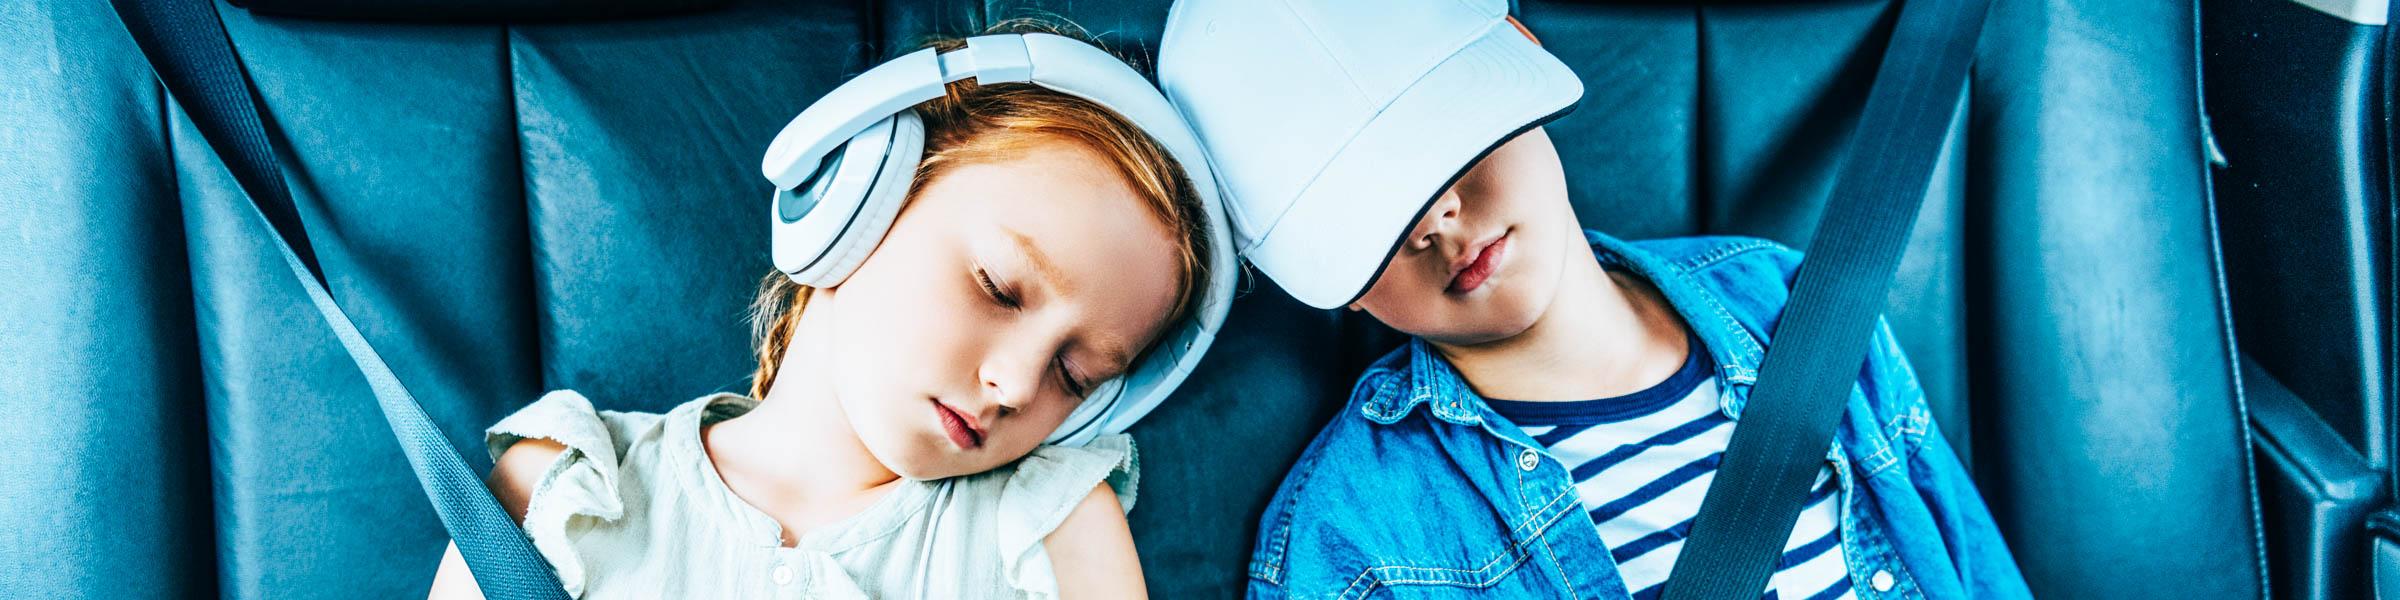 Zwei Kinder schlafen auf der Rückbank eines Autos, das Mädchen trägt Kopfhörer